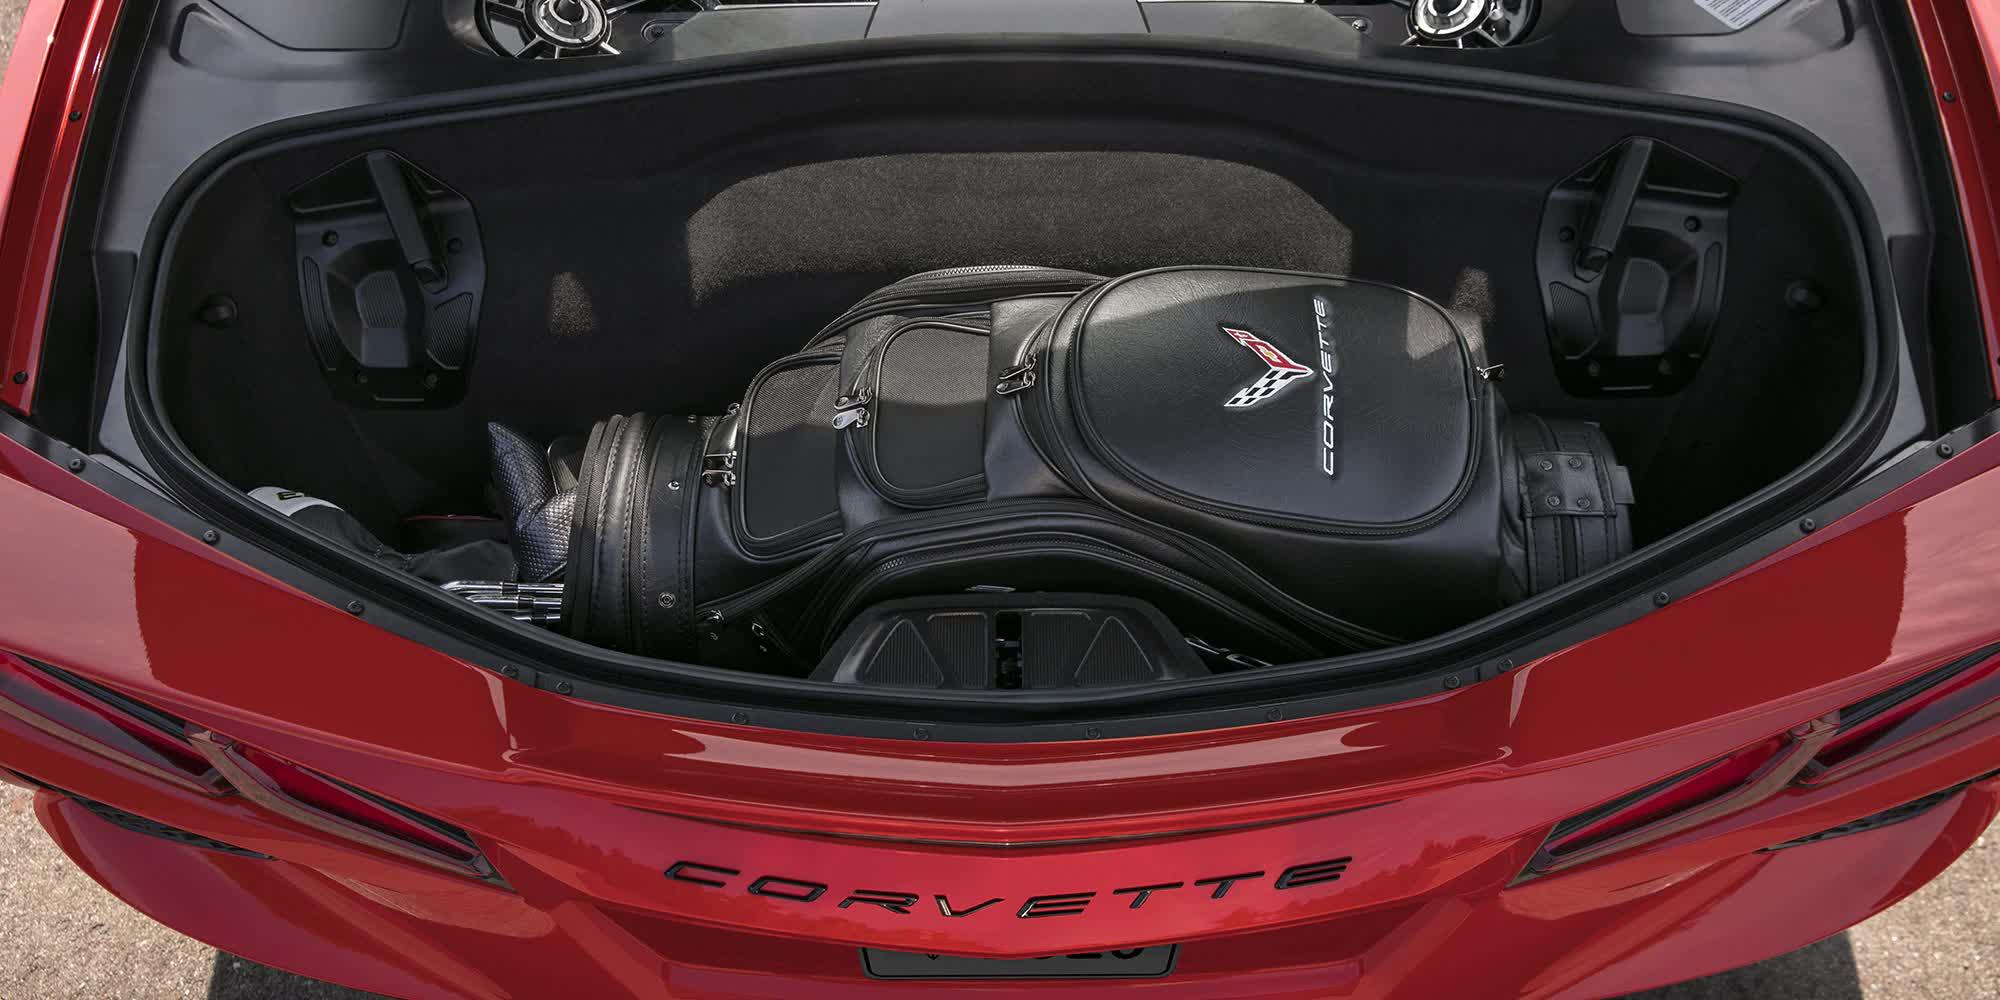 dettaglio-motore-dentro-Corvette-c8-stingray-rossa-2020-auto-sportiva-a-motore-centrale-disponibile-con-allestimento-coupe-e-convertible-in-esclusiva-presso-gruppo-cavauto-a-Monza.jpg